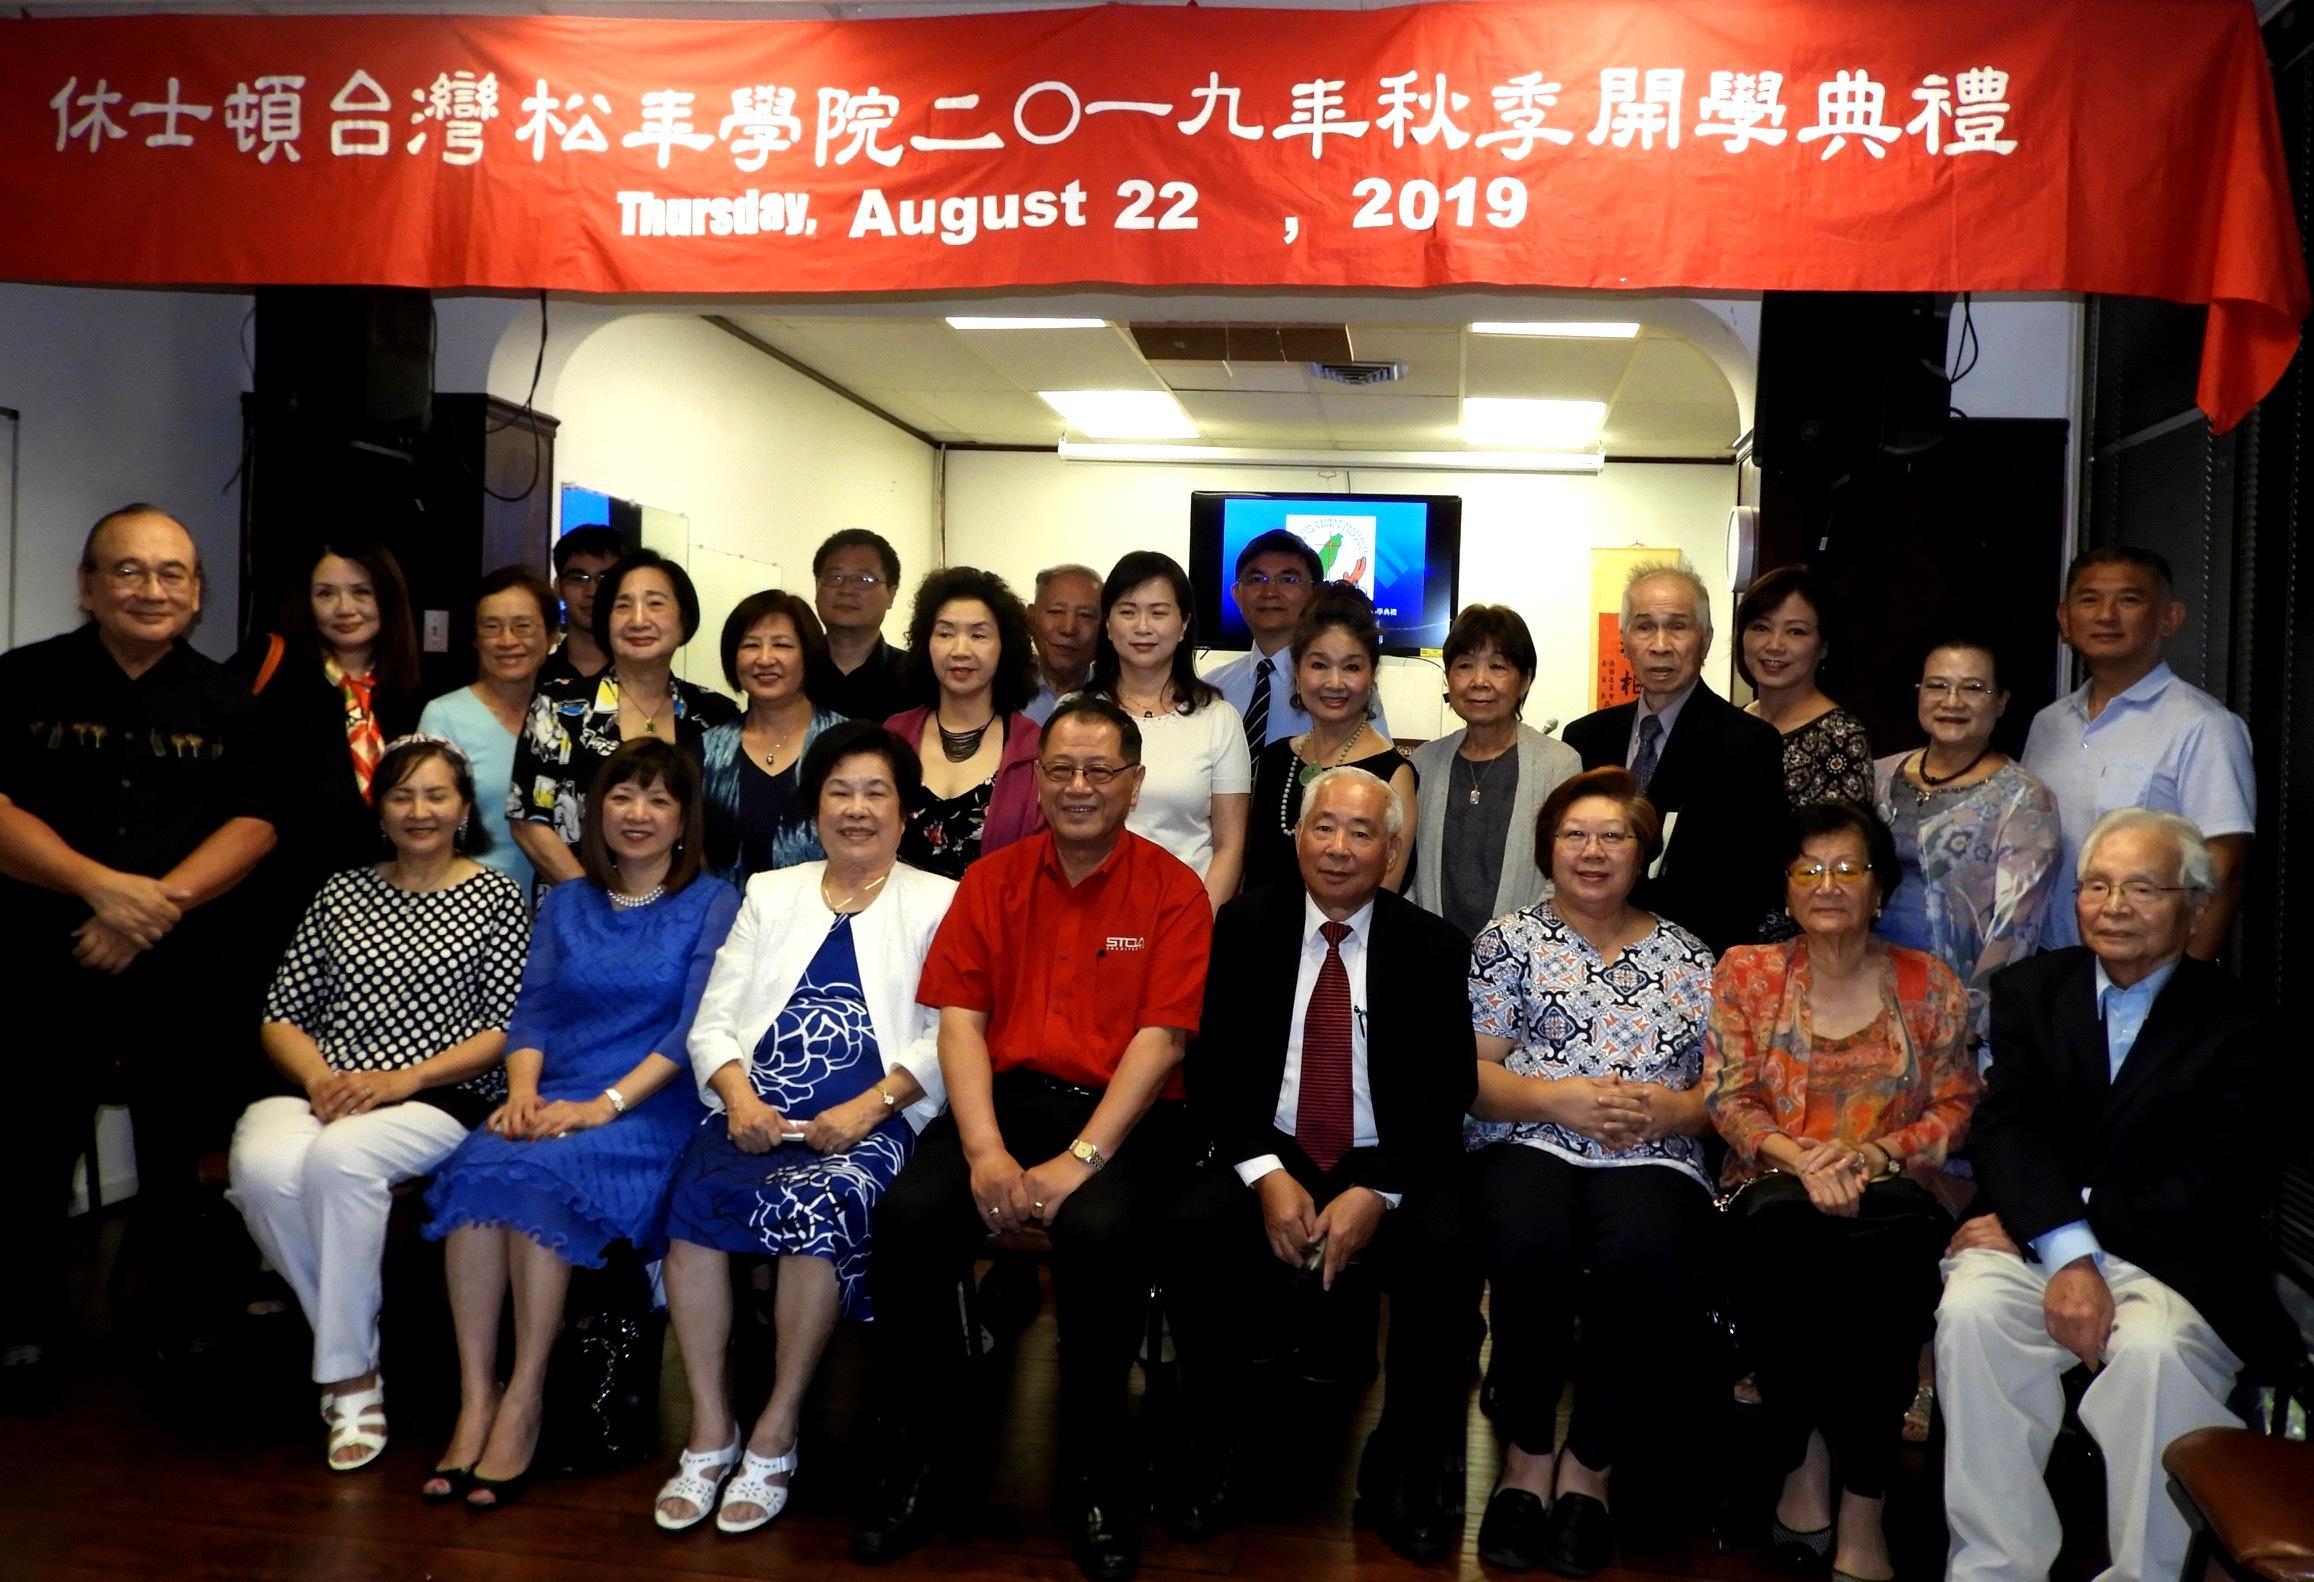 陳美芬(前排右六),李兆瓊(前排右五)、許勝弘(前排右四)以及教師和來賓。(記者盧淑君/攝影)